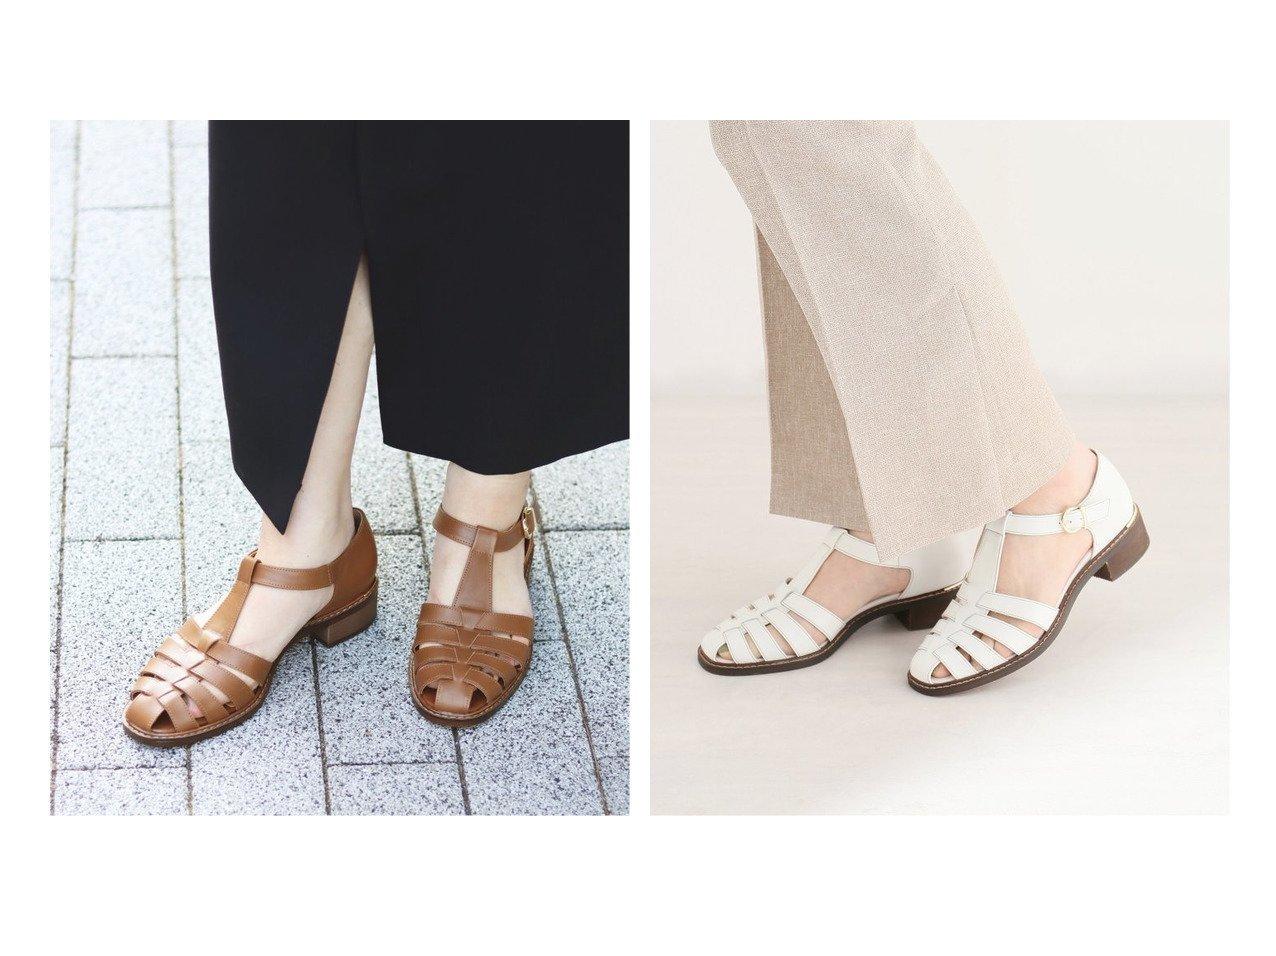 【Le Talon/ル タロン】のGRISE 3.5cmレザーグルカサンダル 【シューズ・靴】おすすめ!人気、トレンド・レディースファッションの通販 おすすめで人気の流行・トレンド、ファッションの通販商品 インテリア・家具・メンズファッション・キッズファッション・レディースファッション・服の通販 founy(ファニー) https://founy.com/ ファッション Fashion レディースファッション WOMEN 2021年 2021 2021春夏・S/S SS/Spring/Summer/2021 S/S・春夏 SS・Spring/Summer おすすめ Recommend サンダル シューズ ソックス バランス メタル 再入荷 Restock/Back in Stock/Re Arrival 夏 Summer 春 Spring |ID:crp329100000053138